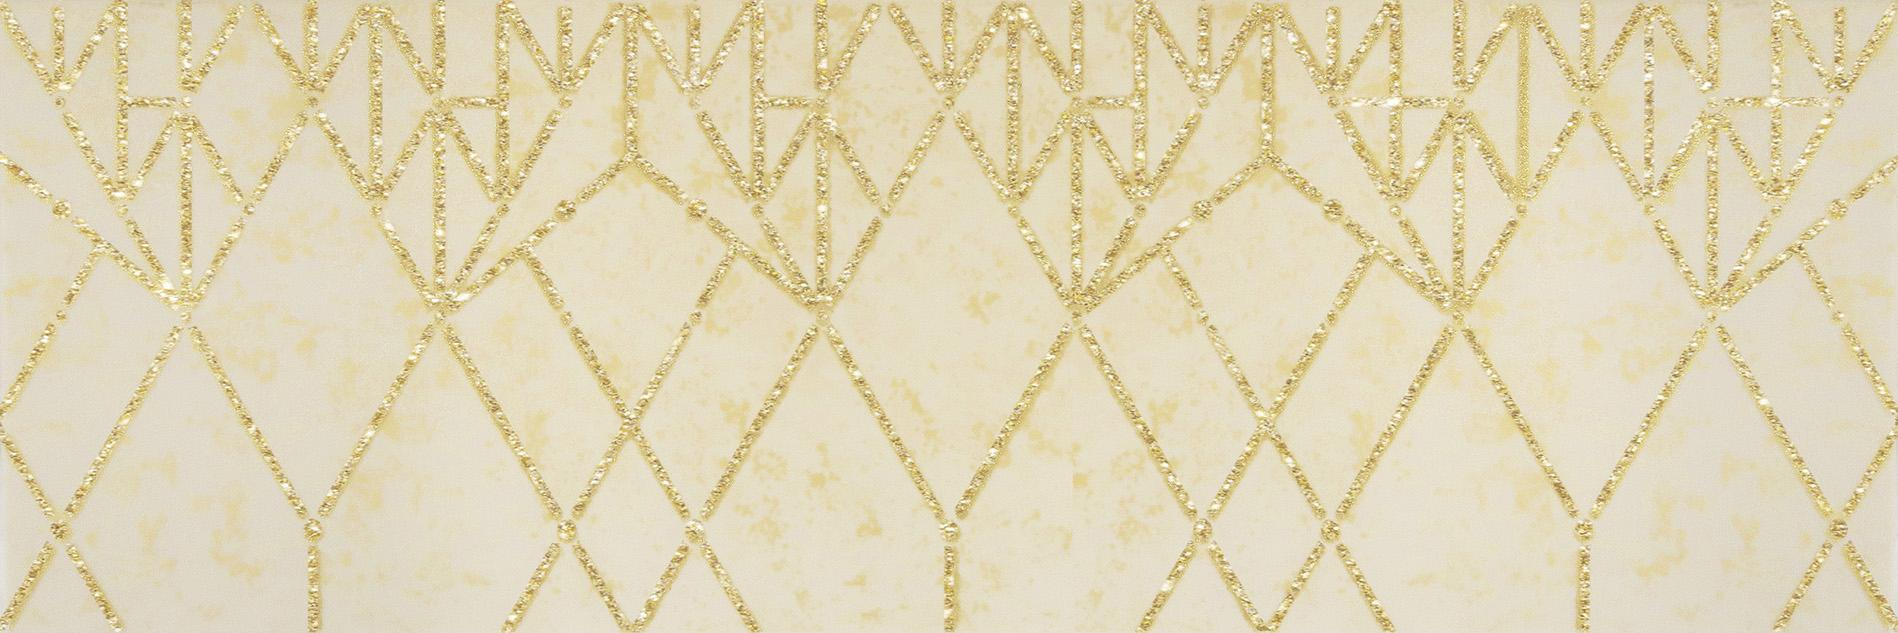 Купить Керамическая плитка AltaСera Lantana 3 DW11LNT301 декор 20x60, Россия